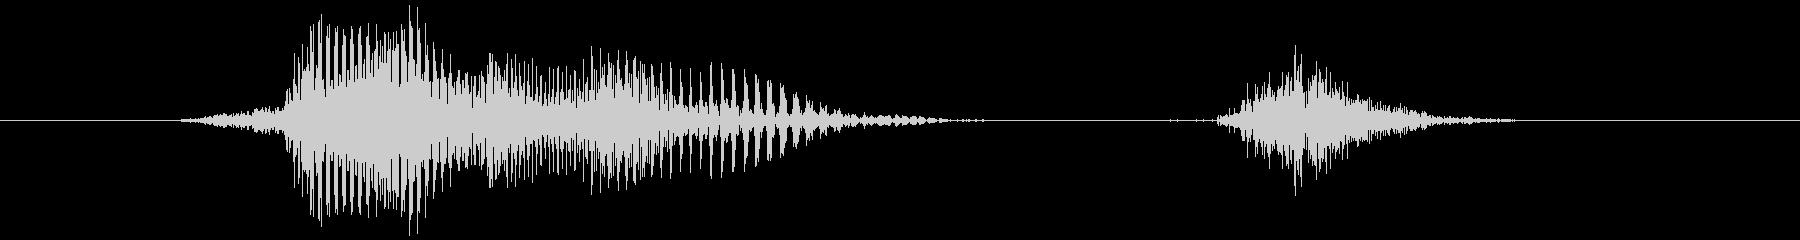 ファイトの未再生の波形